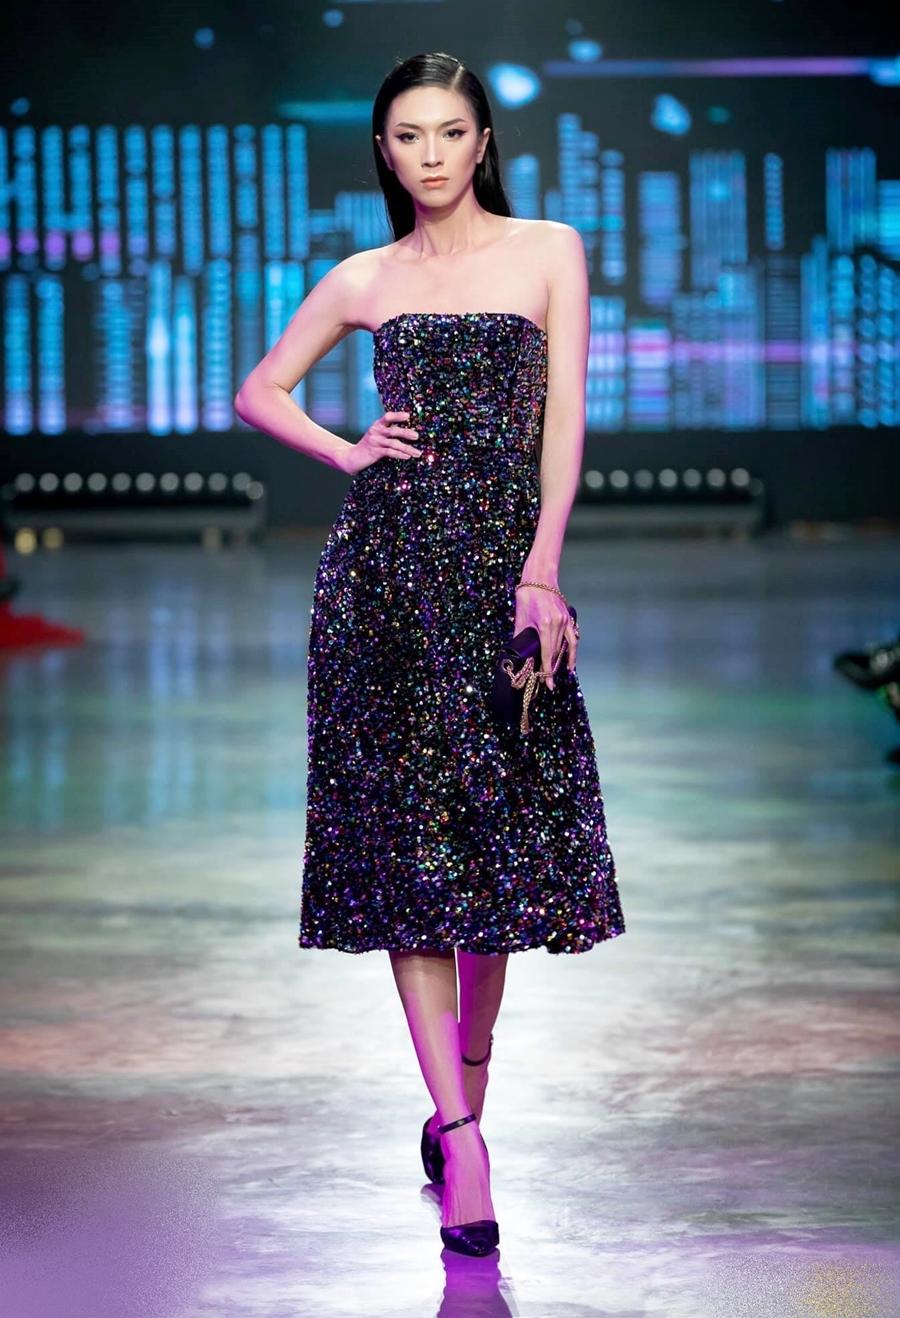 Mộng Thường catwalk cho bộ sưu tập của nhà thiết kế Devon Nguyễn tại Vietnam International Fashion Festival 2020. Cô hiện là gương mặt được nhiều nhà thiết kế yêu thích và chọn lựa. Ảnh: Trịnh Kim Điền.